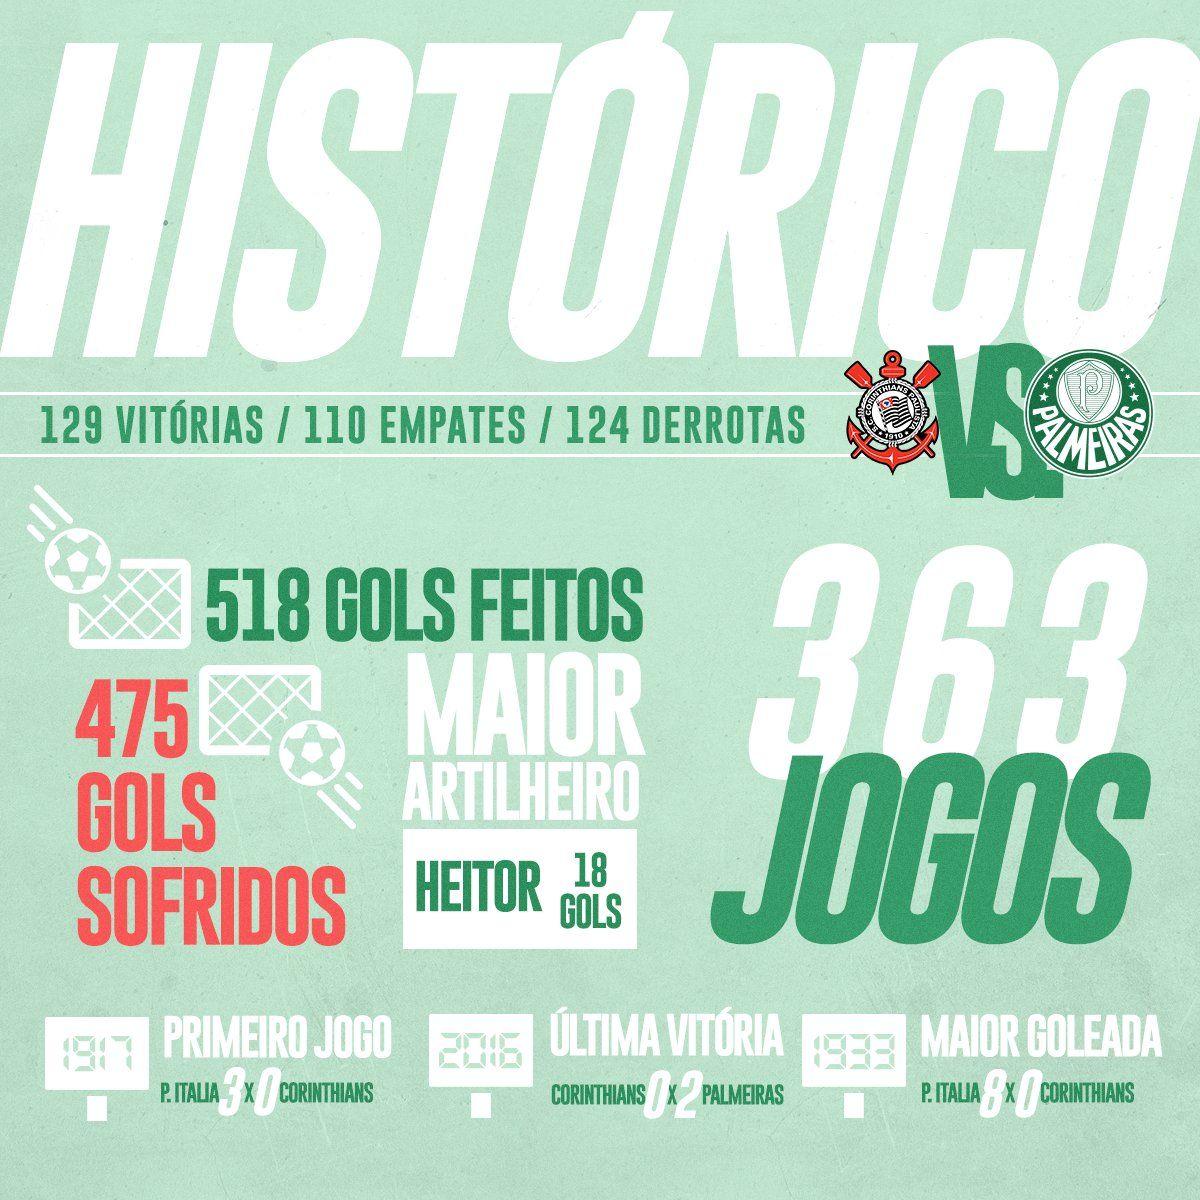 Historico Palmeiras X Corinthians Palmeiras Corinthians Palmeiras Empata